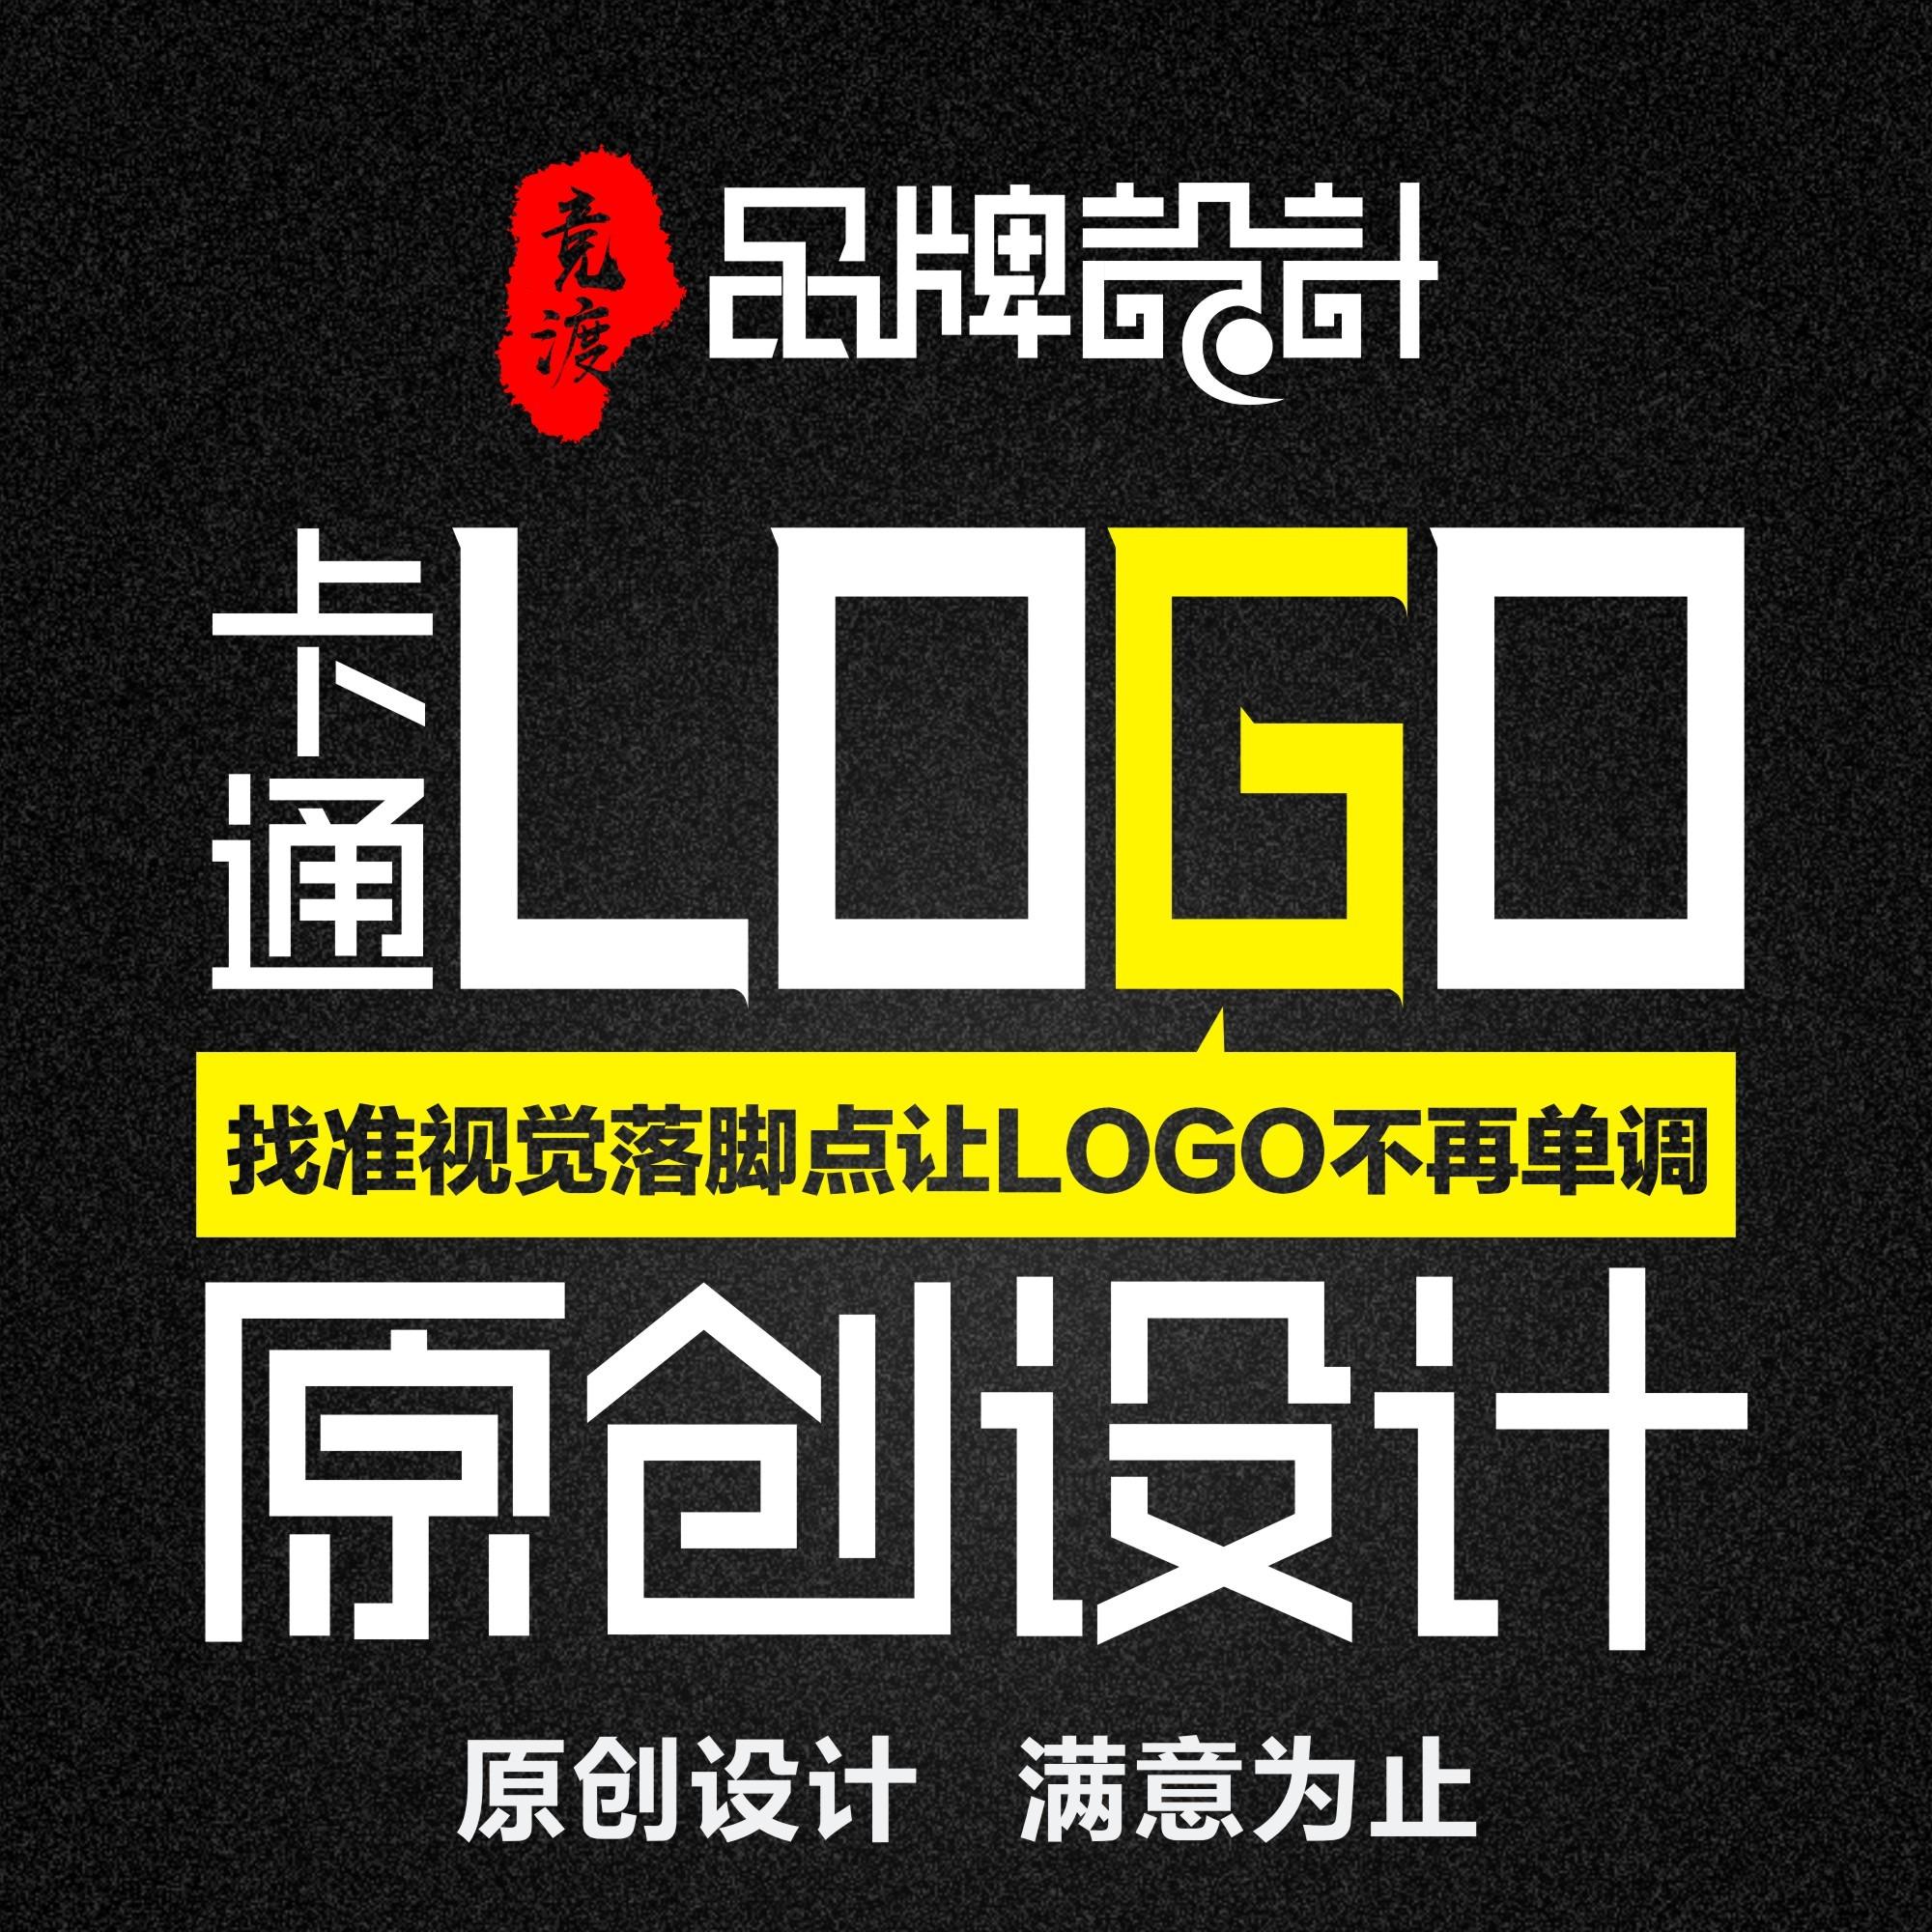 【资深卡通】卡通LOGO设计品牌形象商标设计标志设计吉祥物